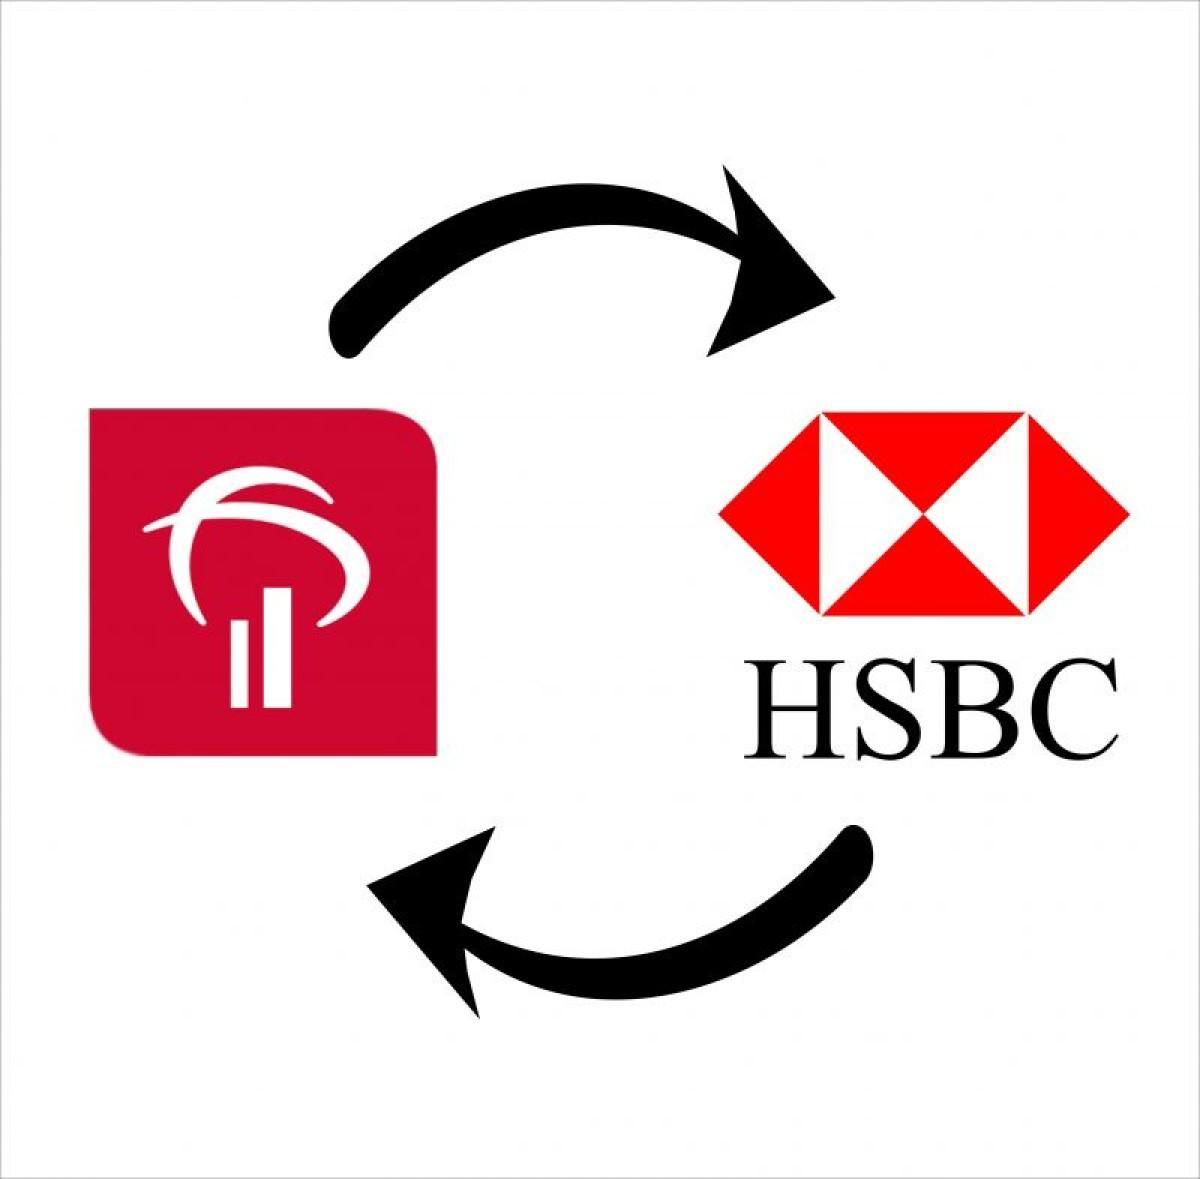 Bradesco pode comprar HSBC sem precisar vender ativos